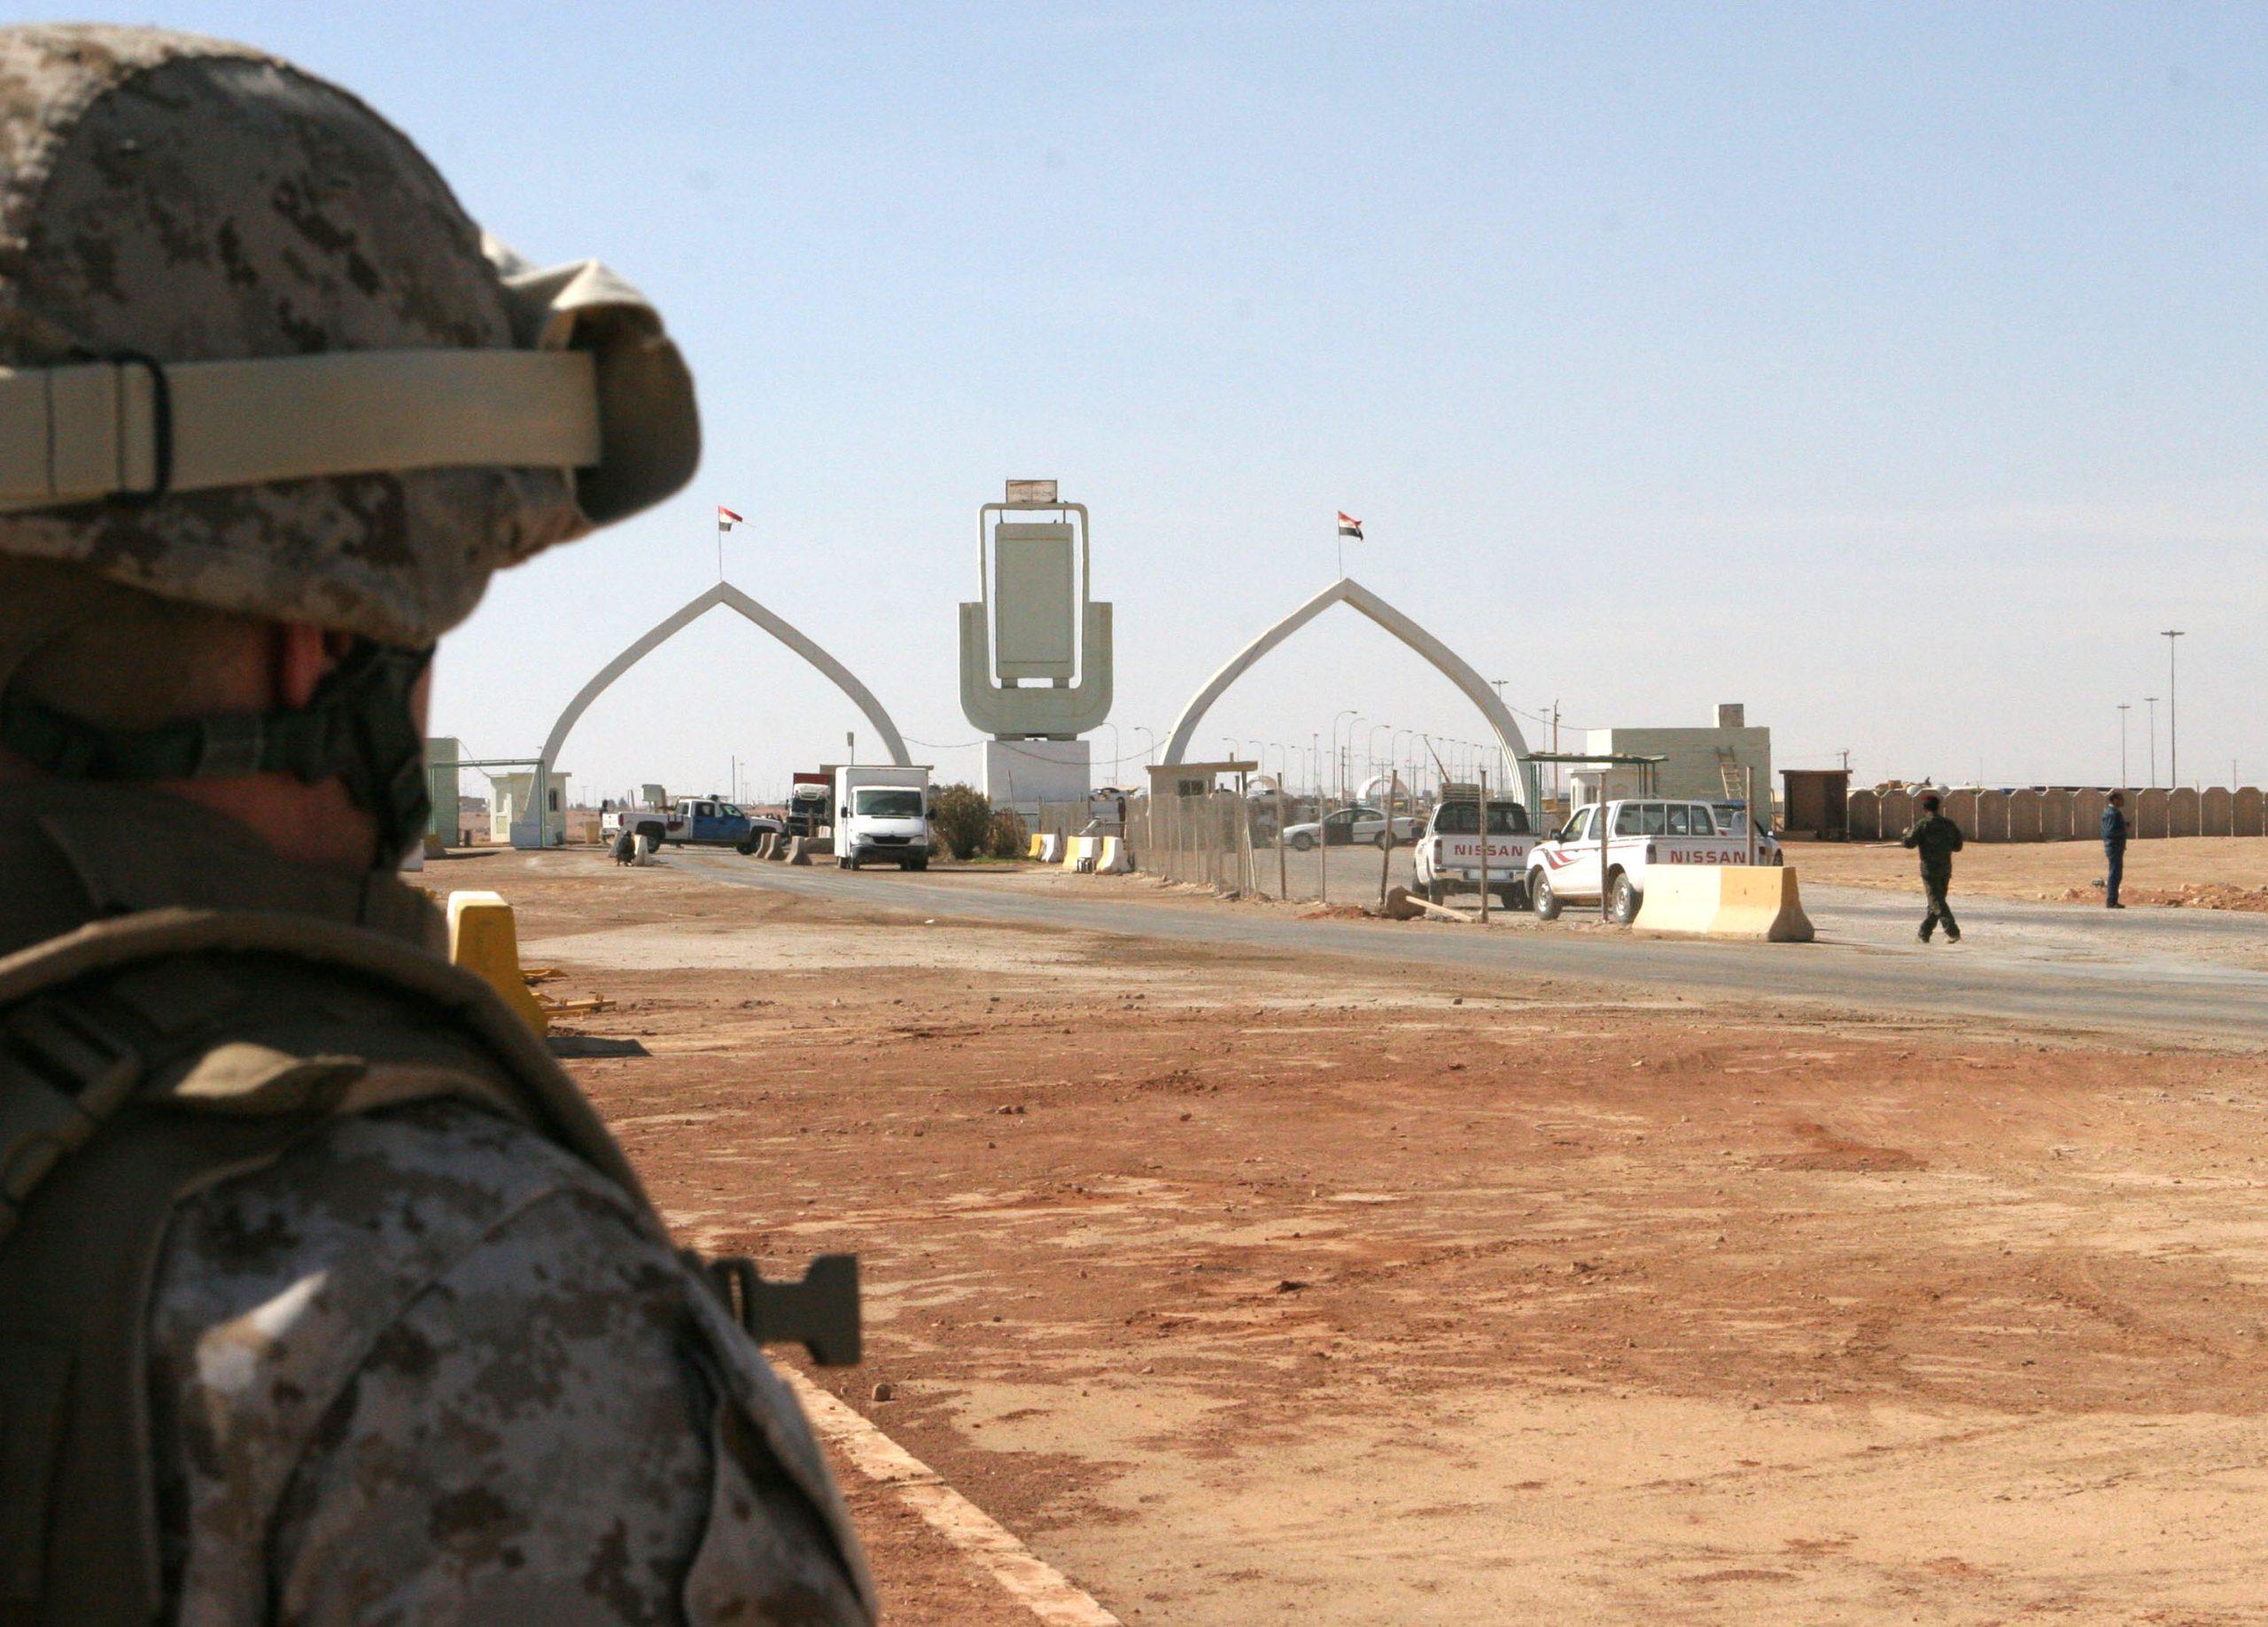 مصر ، عراق و اردن برای مشارکت استراتژیک شام جدید  امنیت بین المللی